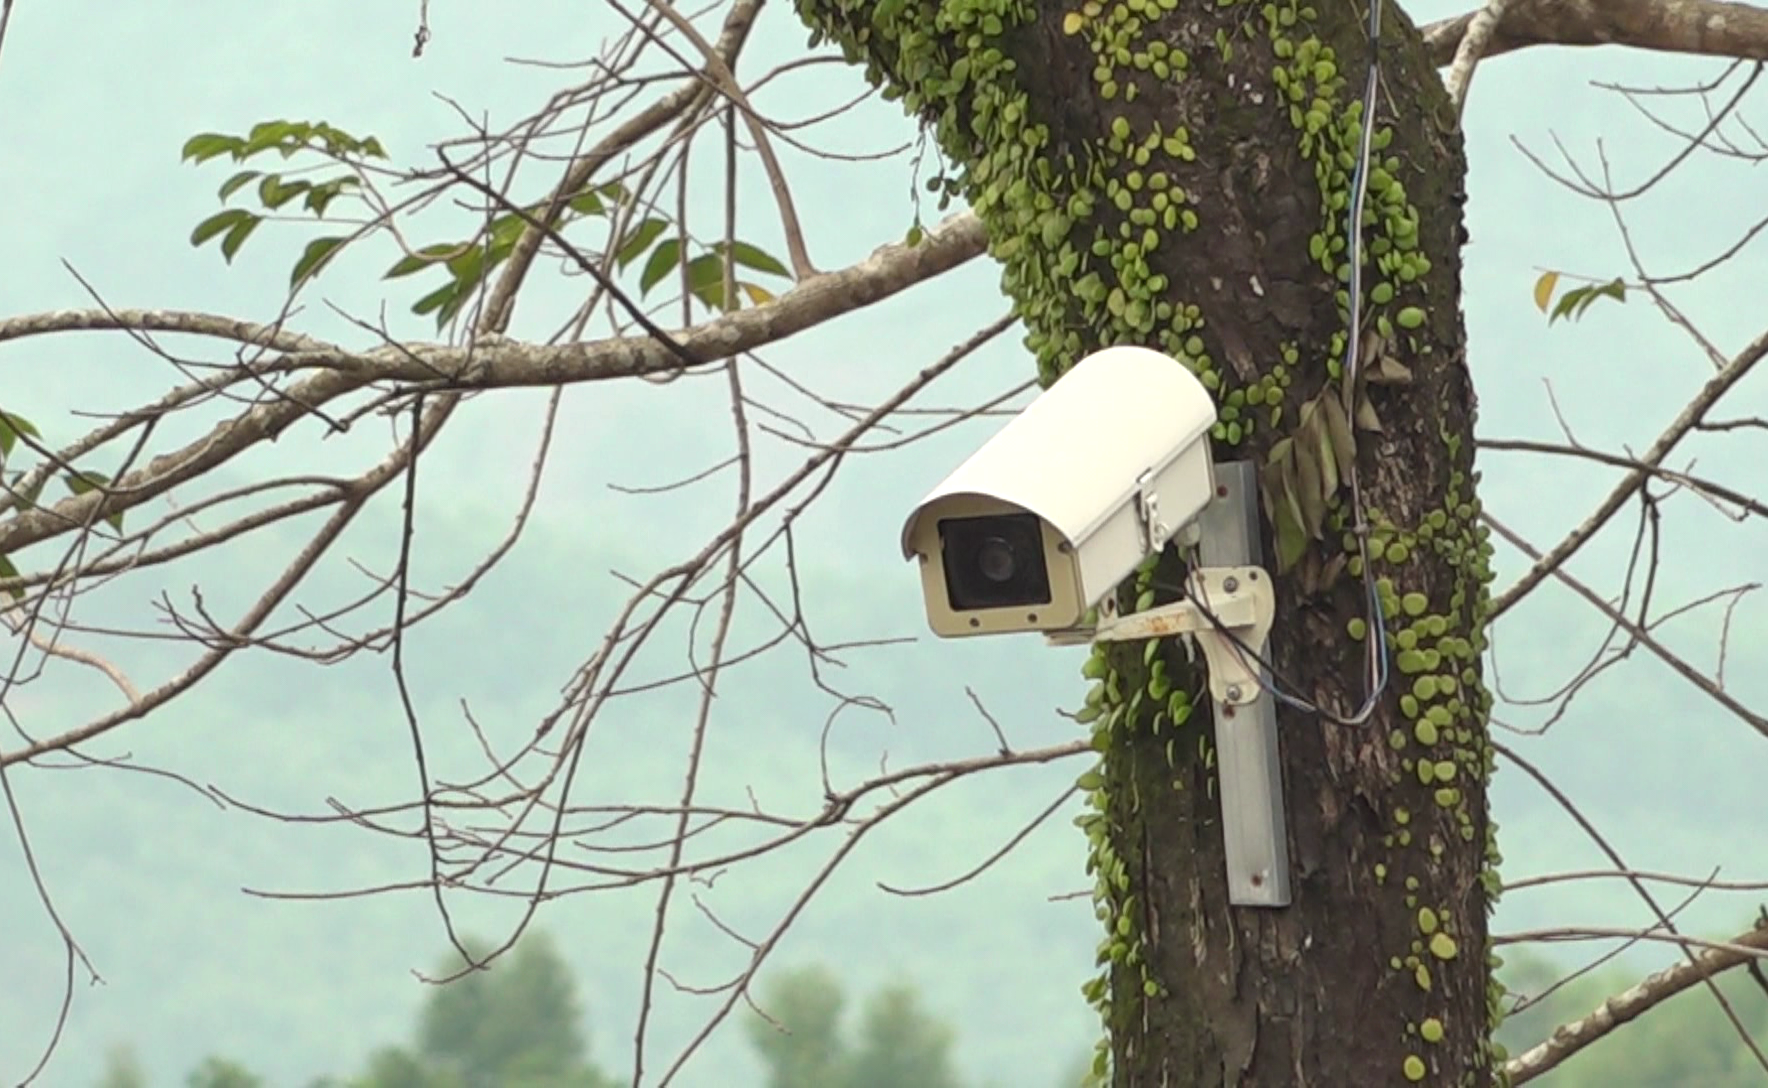 Camera an ninh được lắp đặt ở các tuyến đường.